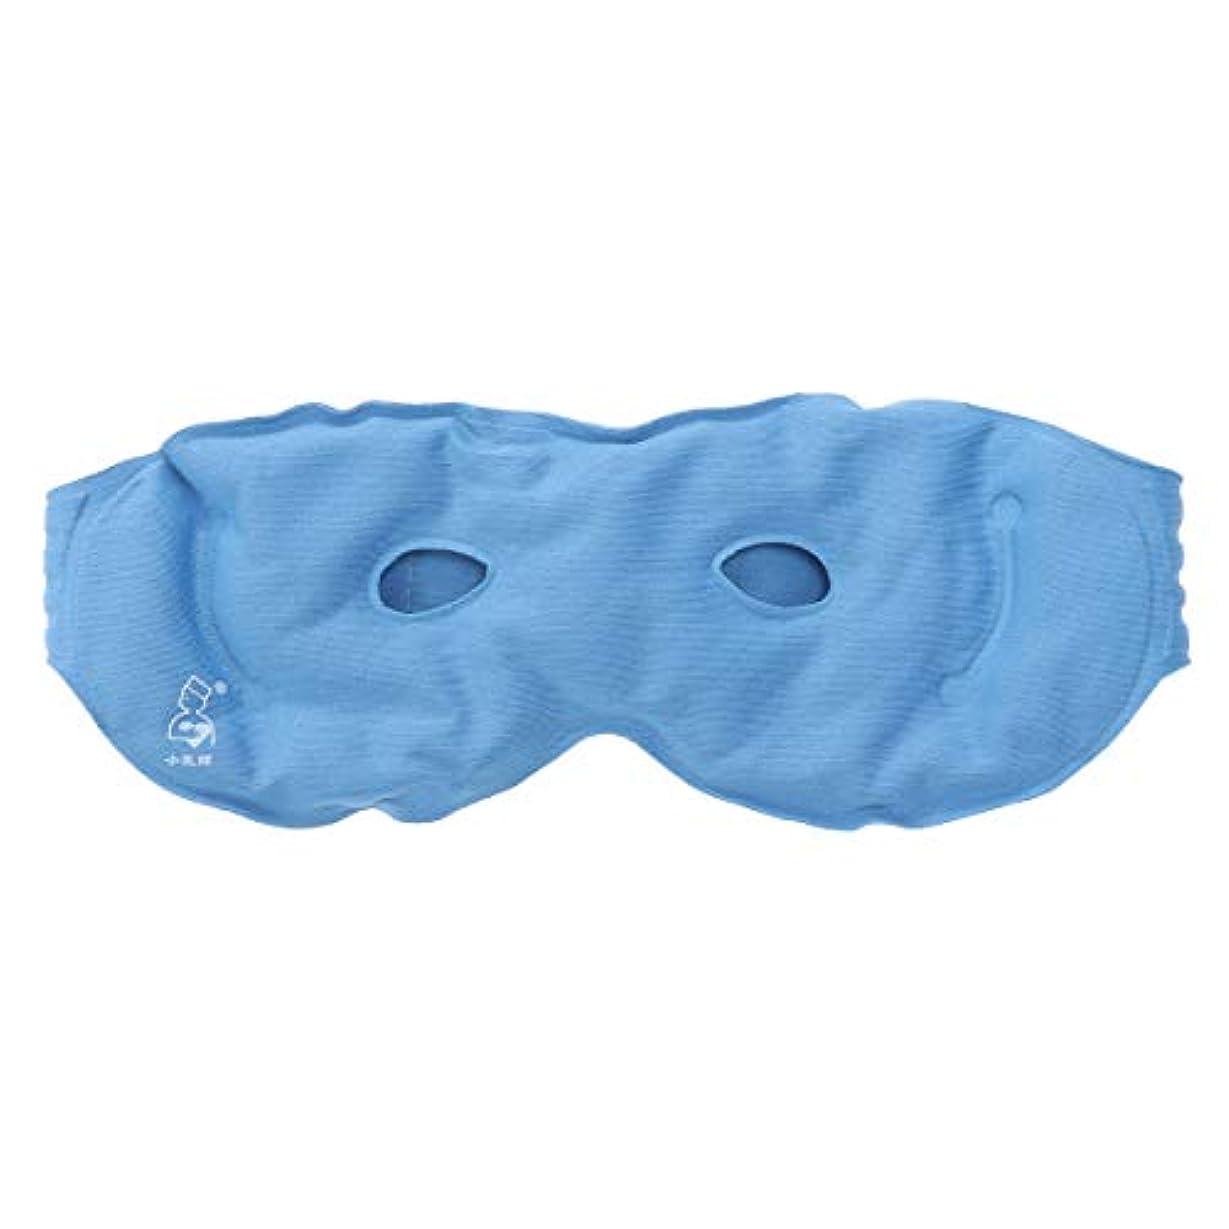 あるパトロールオプショナルROSENICE アイスフェイスクーリングアイマスクアイスコンプレッションバッグ(ブルー)